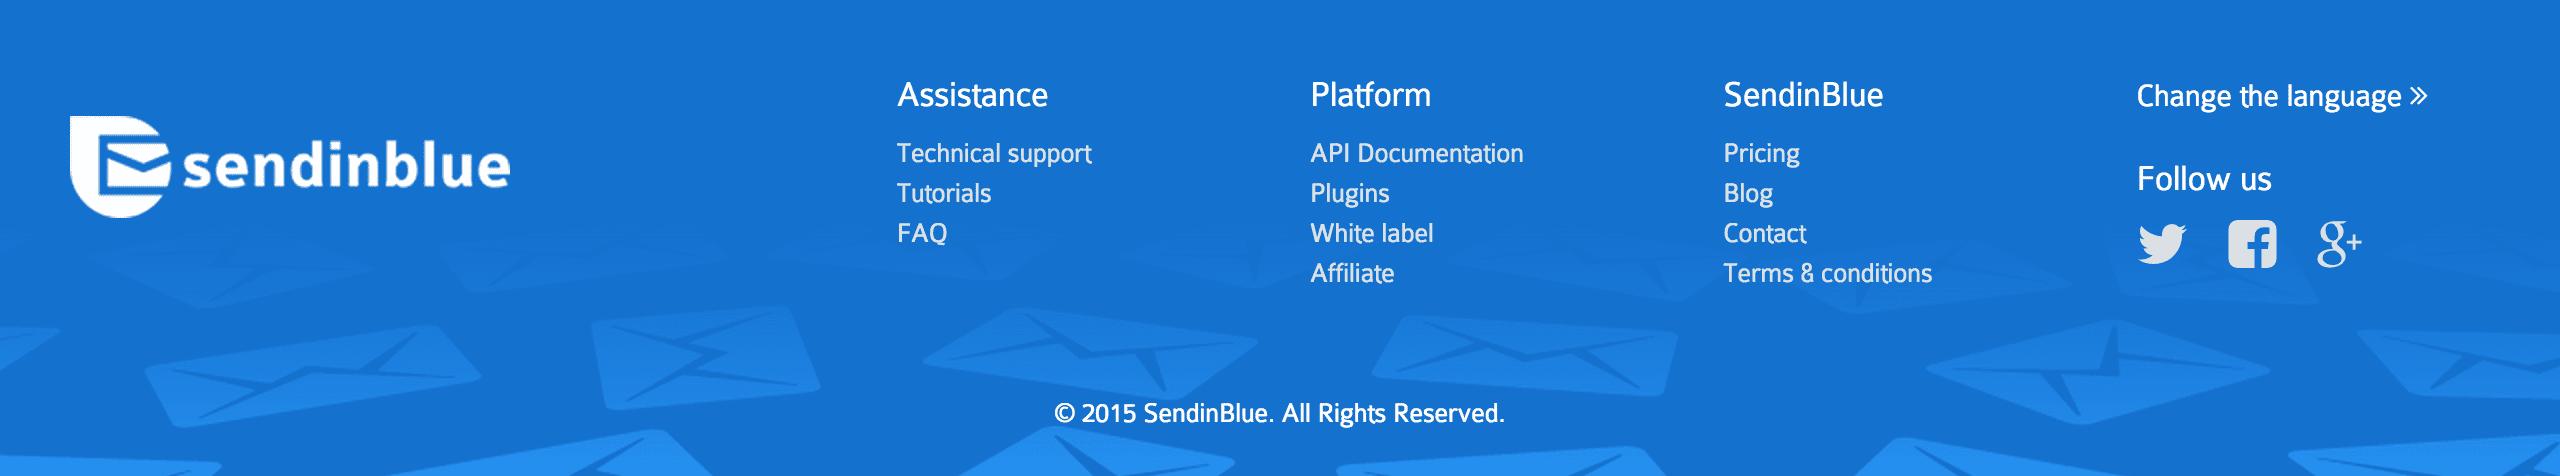 SendinBlue support link